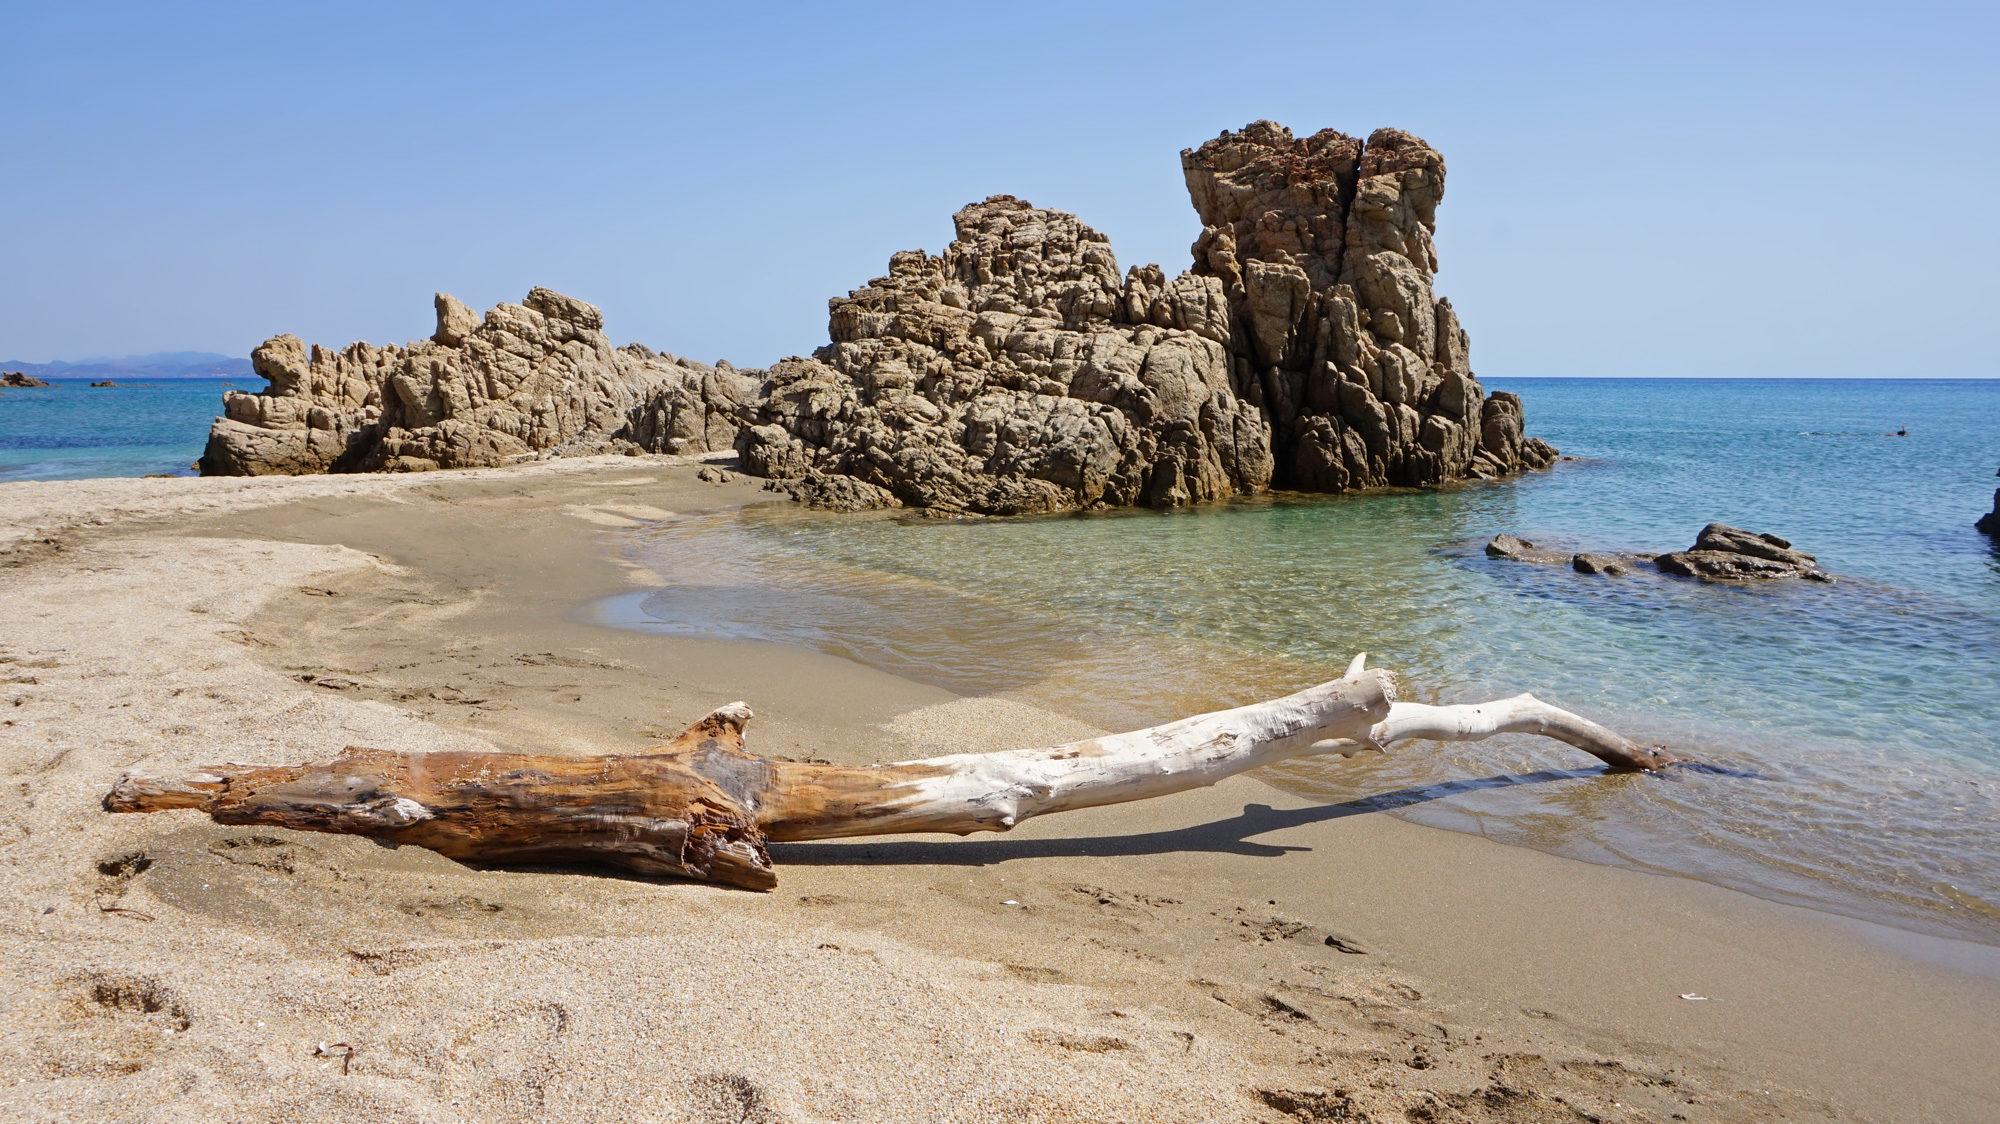 Felsformation am Spiaggia di Portu de S'Illixi